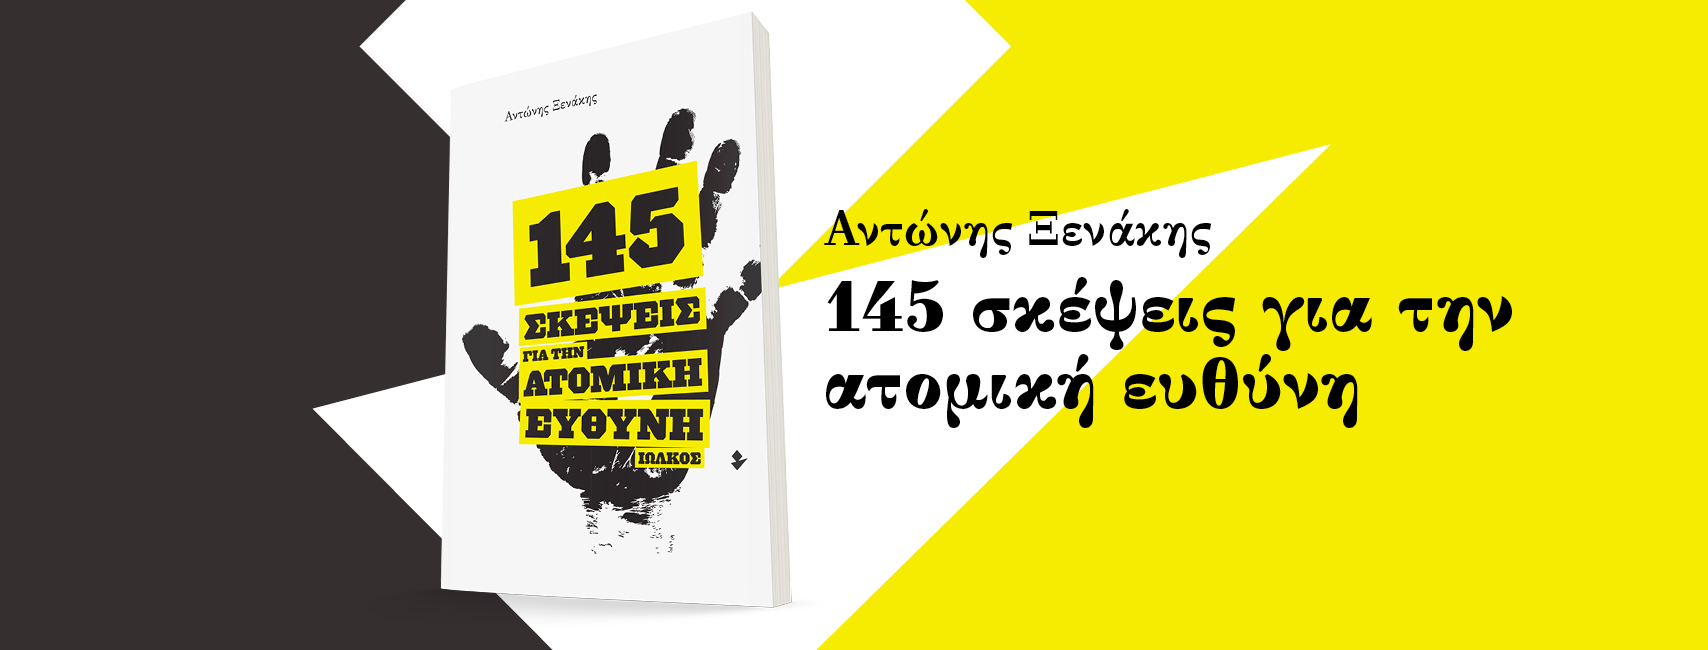 145 σκέψεις για την ατομική ευθύνη | Banner